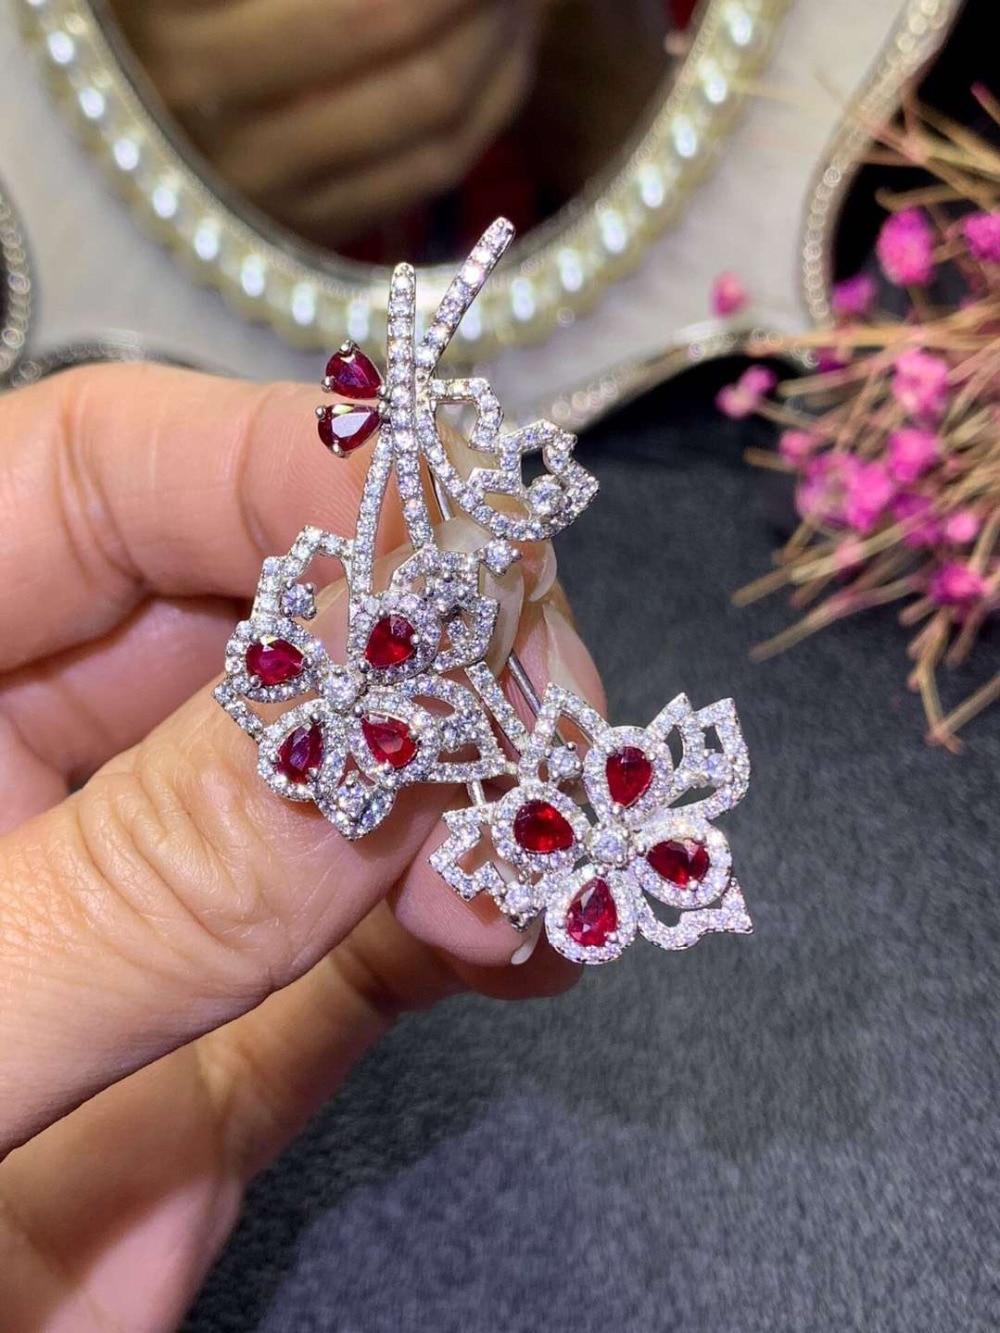 Broches de rubí rojo Natural colgante S925 broches de piedras preciosas naturales de plata de moda flores ramas novia boda regalo joyería